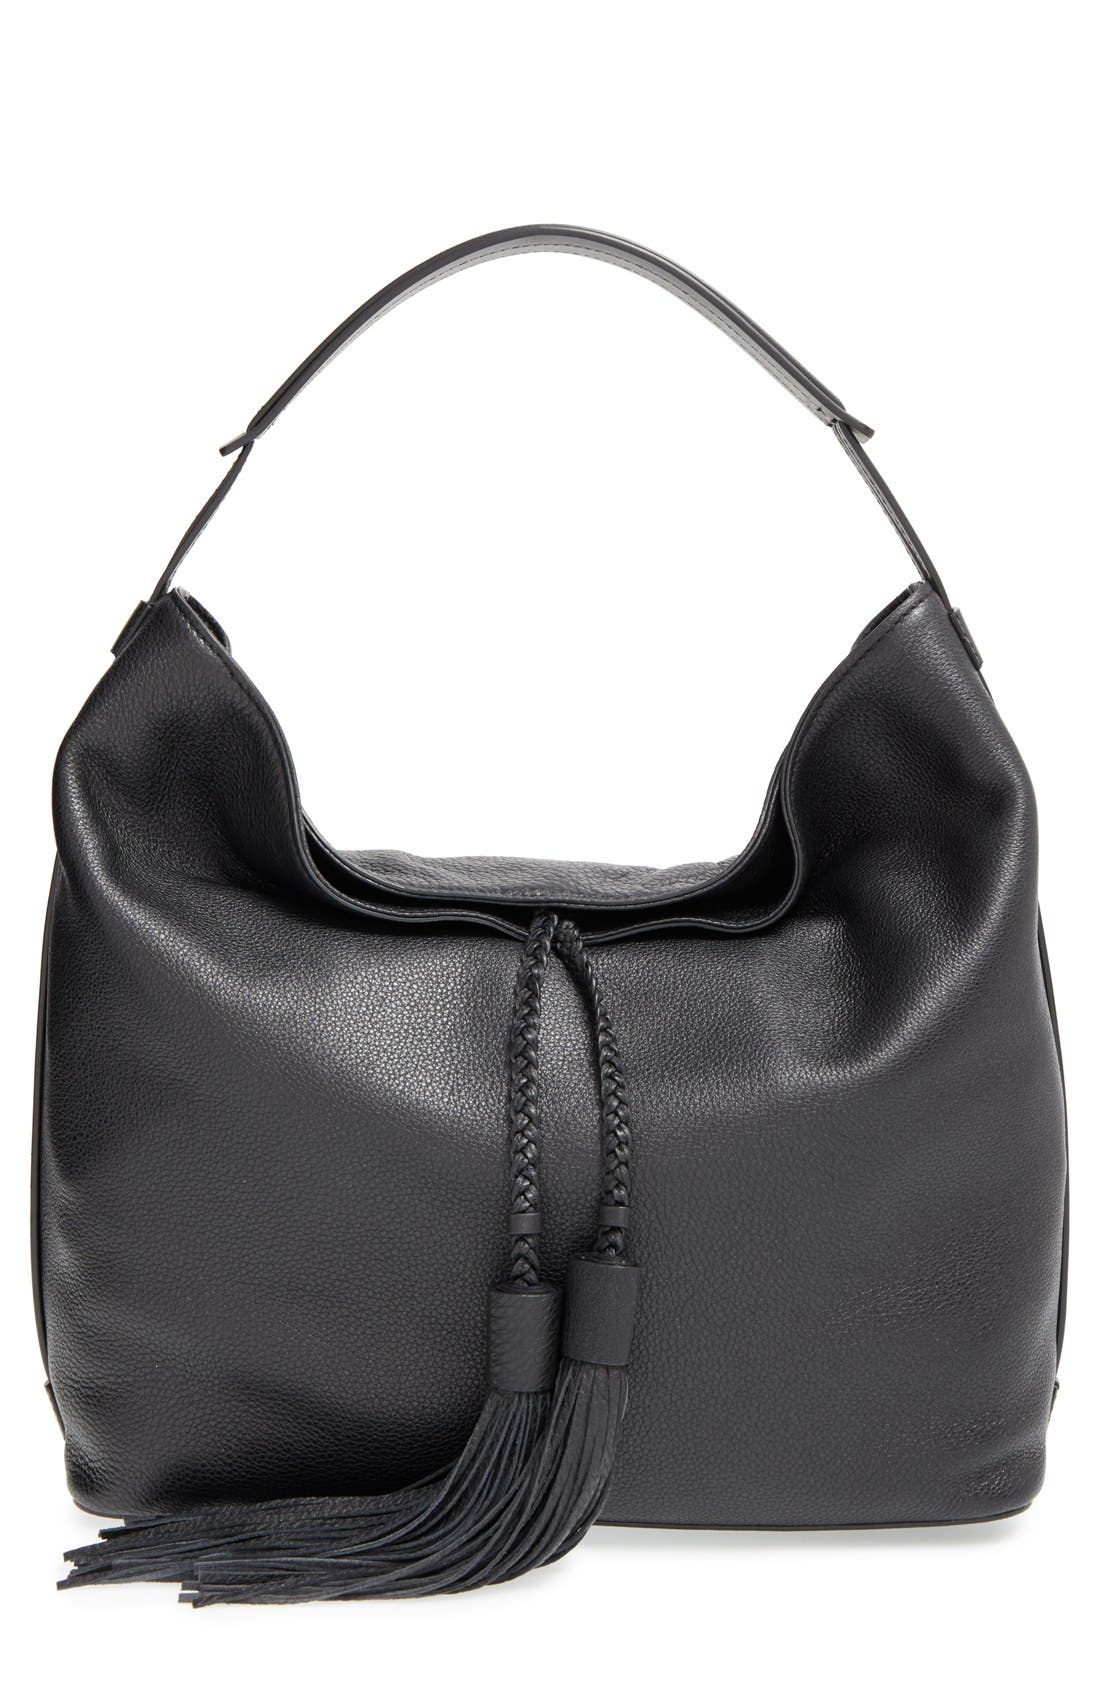 'Isobel' Tassel Leather Hobo,                             Main thumbnail 1, color,                             001